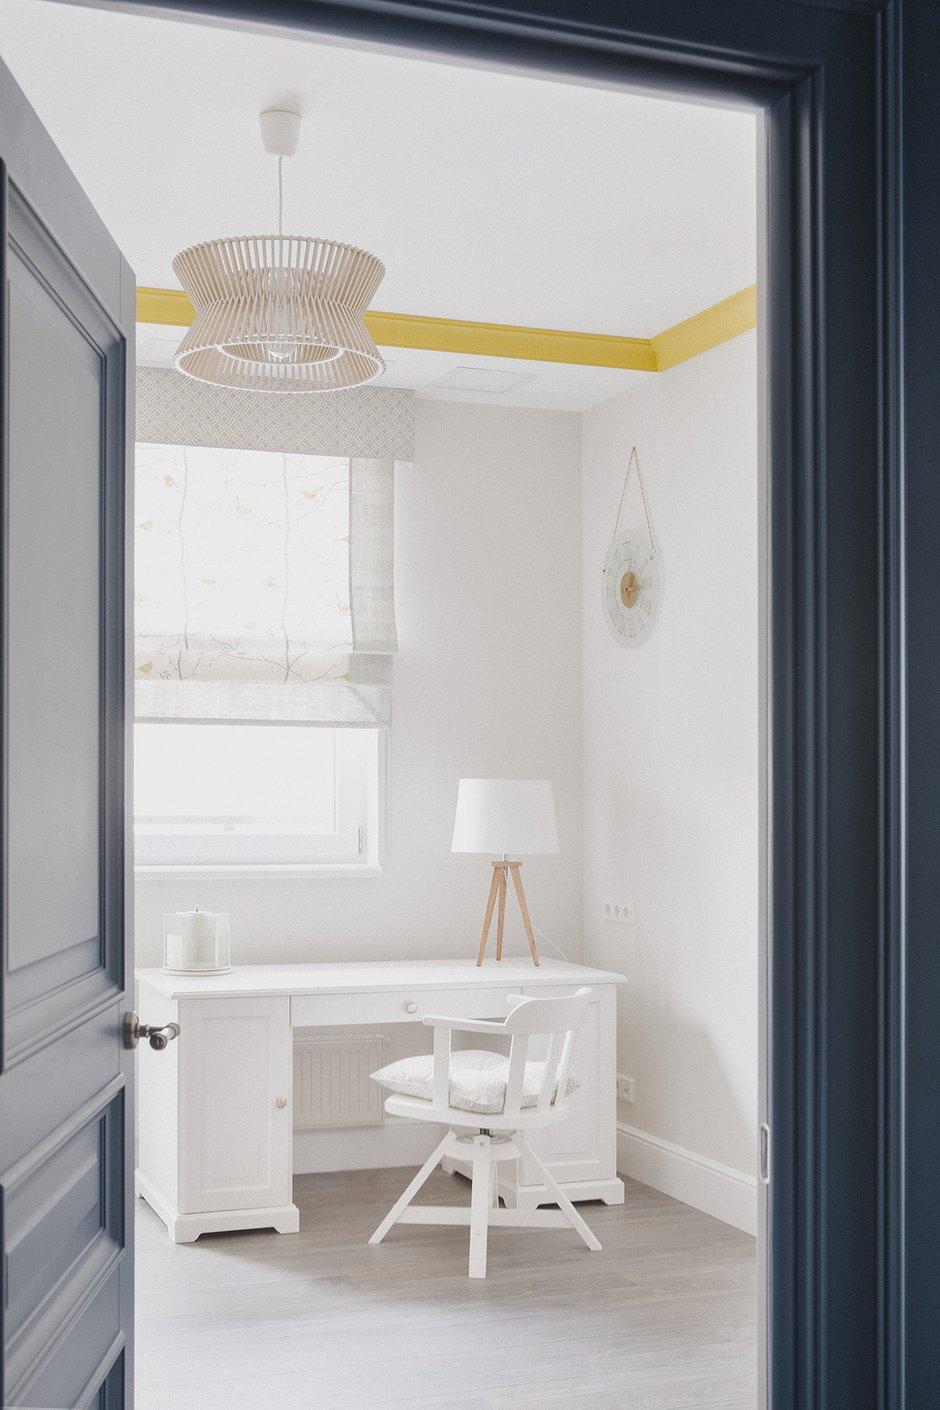 Фотография: Кабинет в стиле Классический, Современный, Квартира, Проект недели, Химки, Инна Величко, 3 комнаты, 60-90 метров – фото на INMYROOM